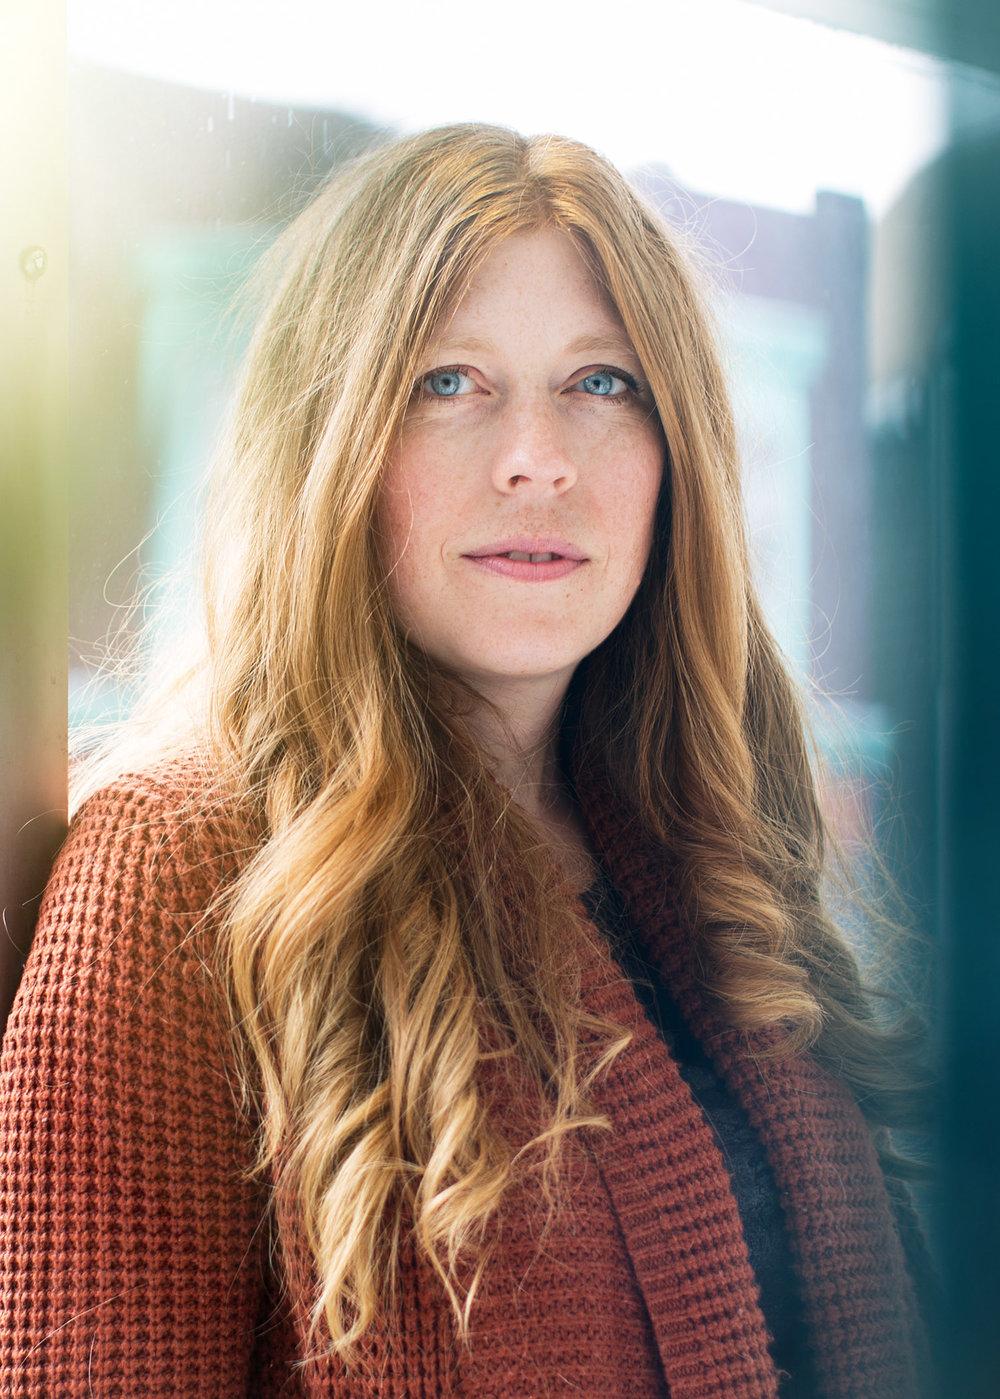 Kat_Schleicher_Portraits028.jpg